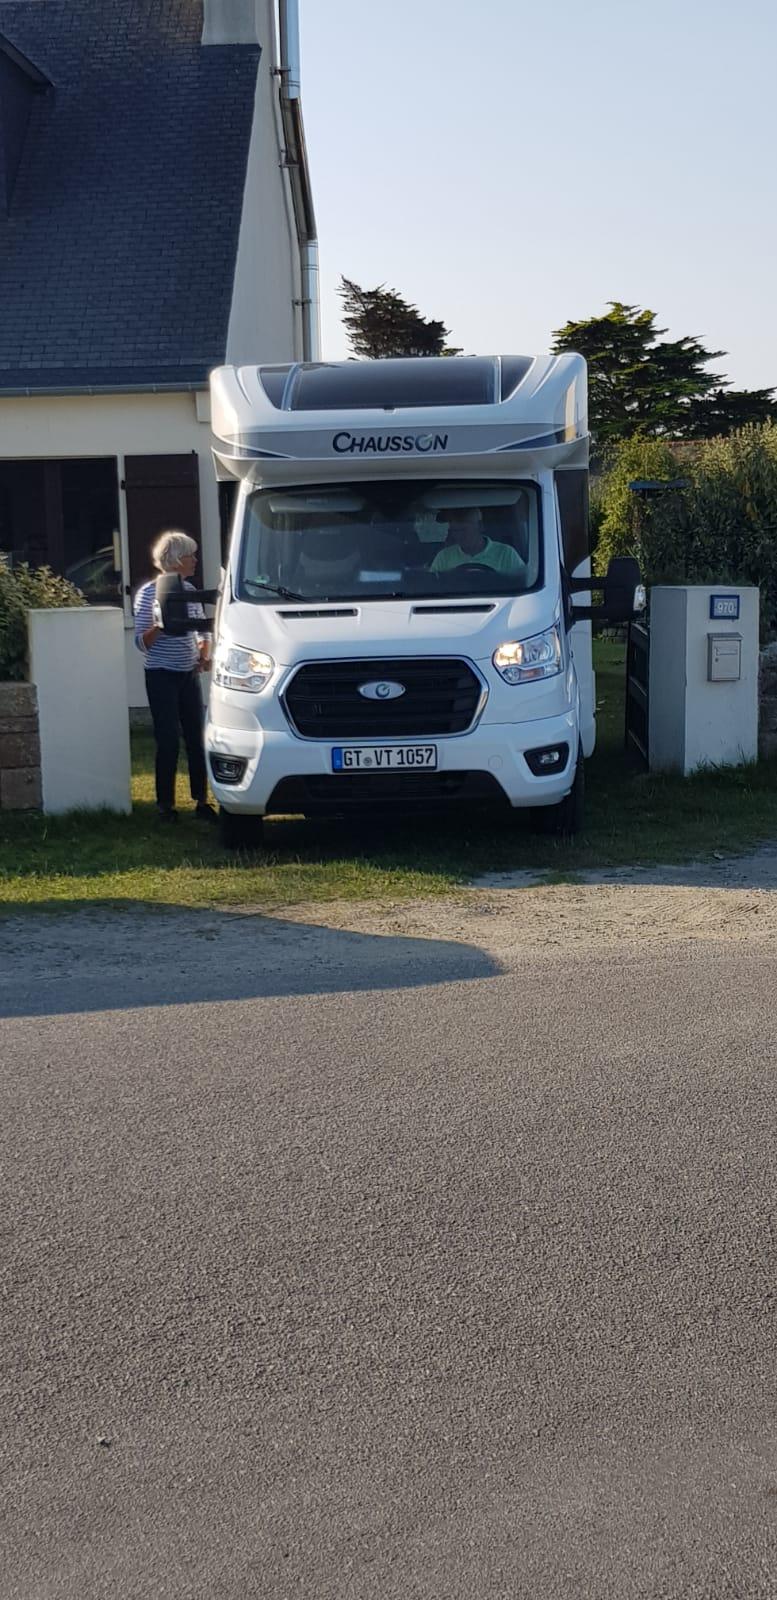 Mit Chausson in die Bretagne (04.09.-22.09.2020, ca. 3.500 Km)